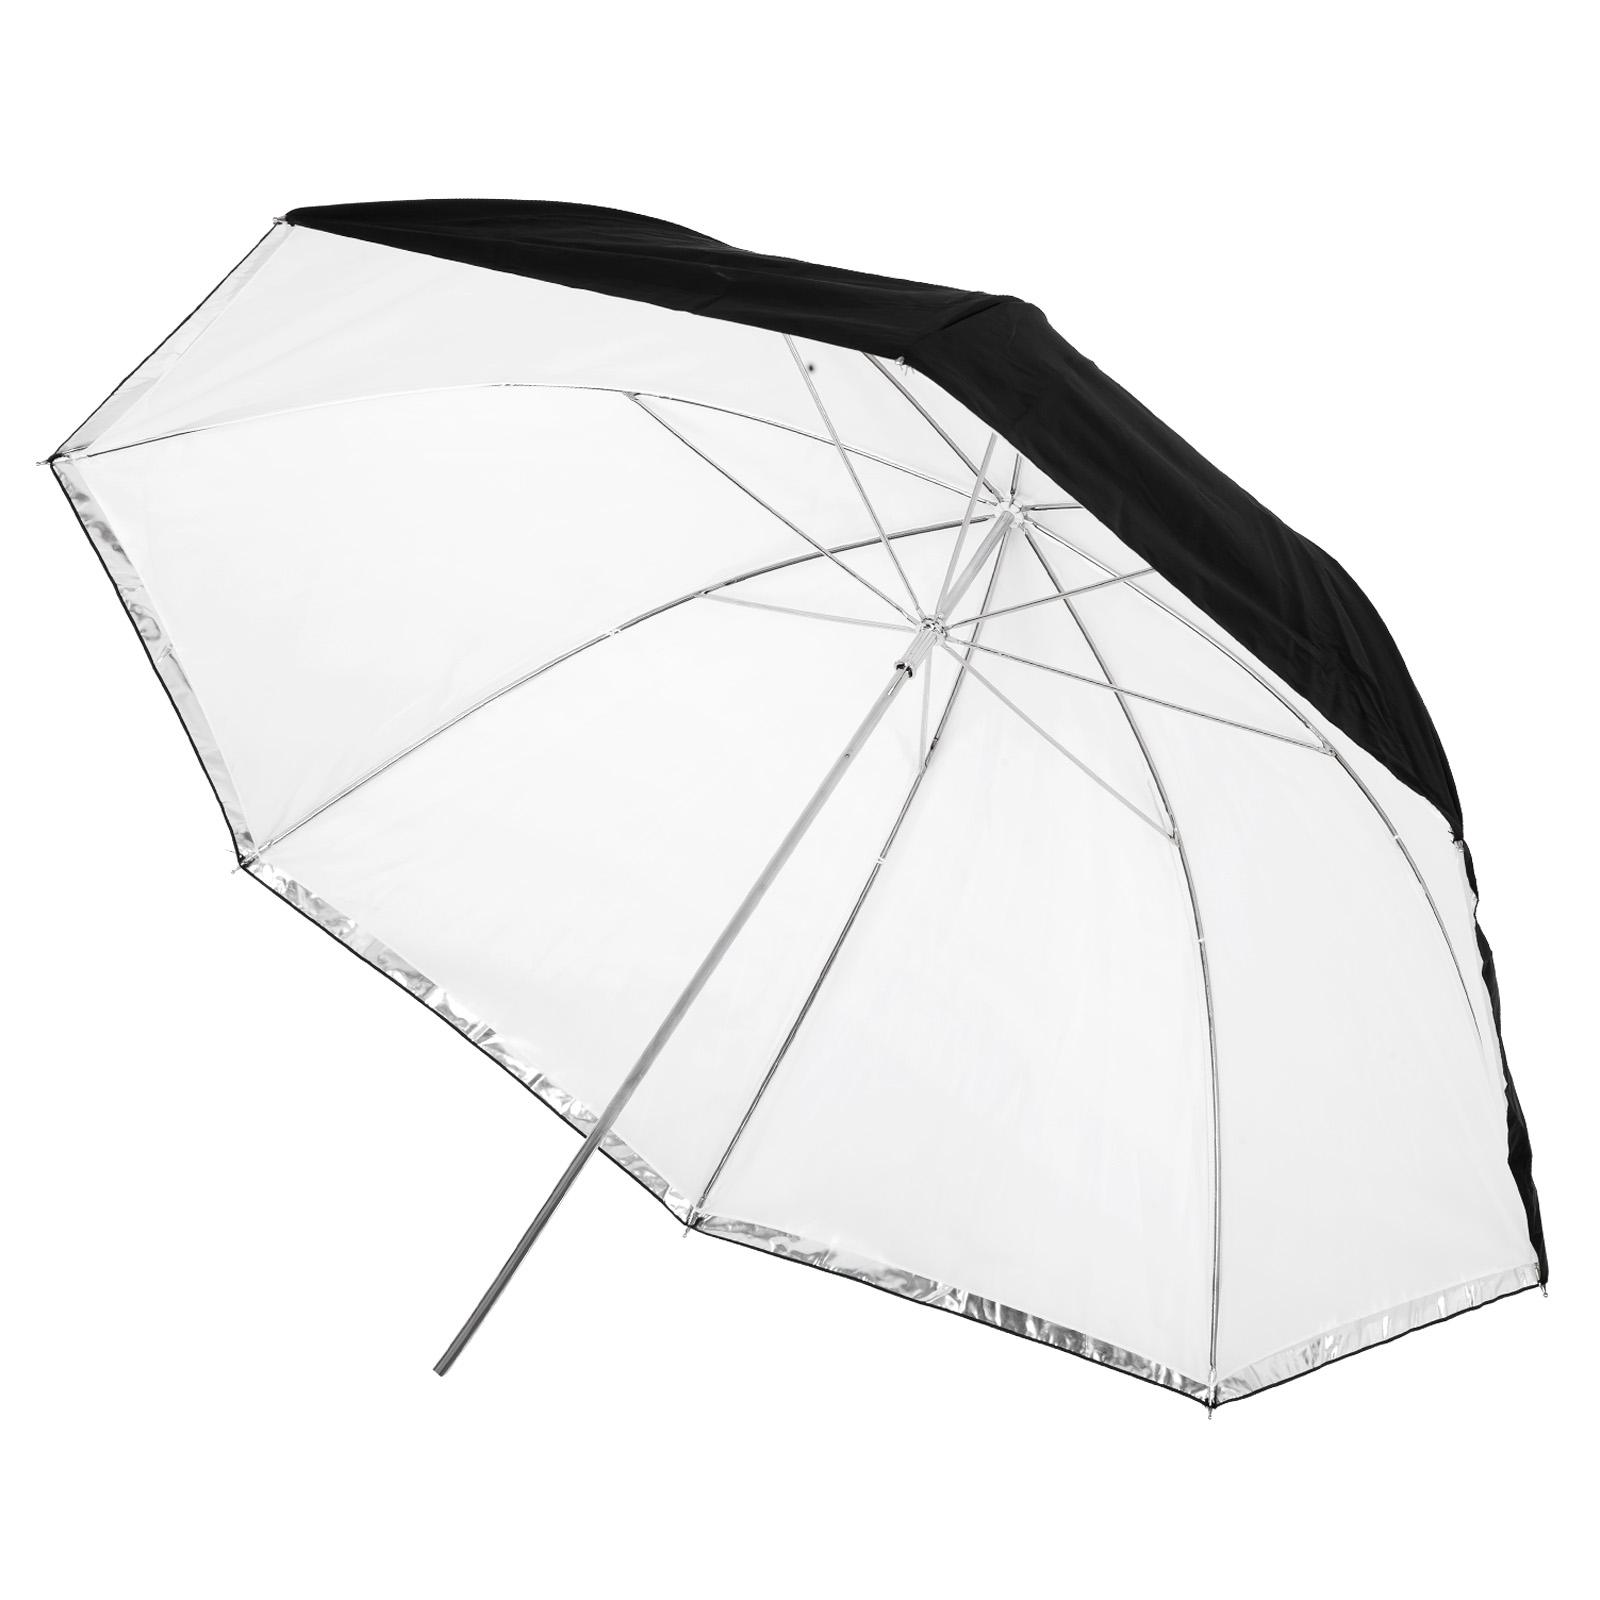 mircopro Зонт Mircopro UB-007 85см (черный/серебристый/полупрозрачный)